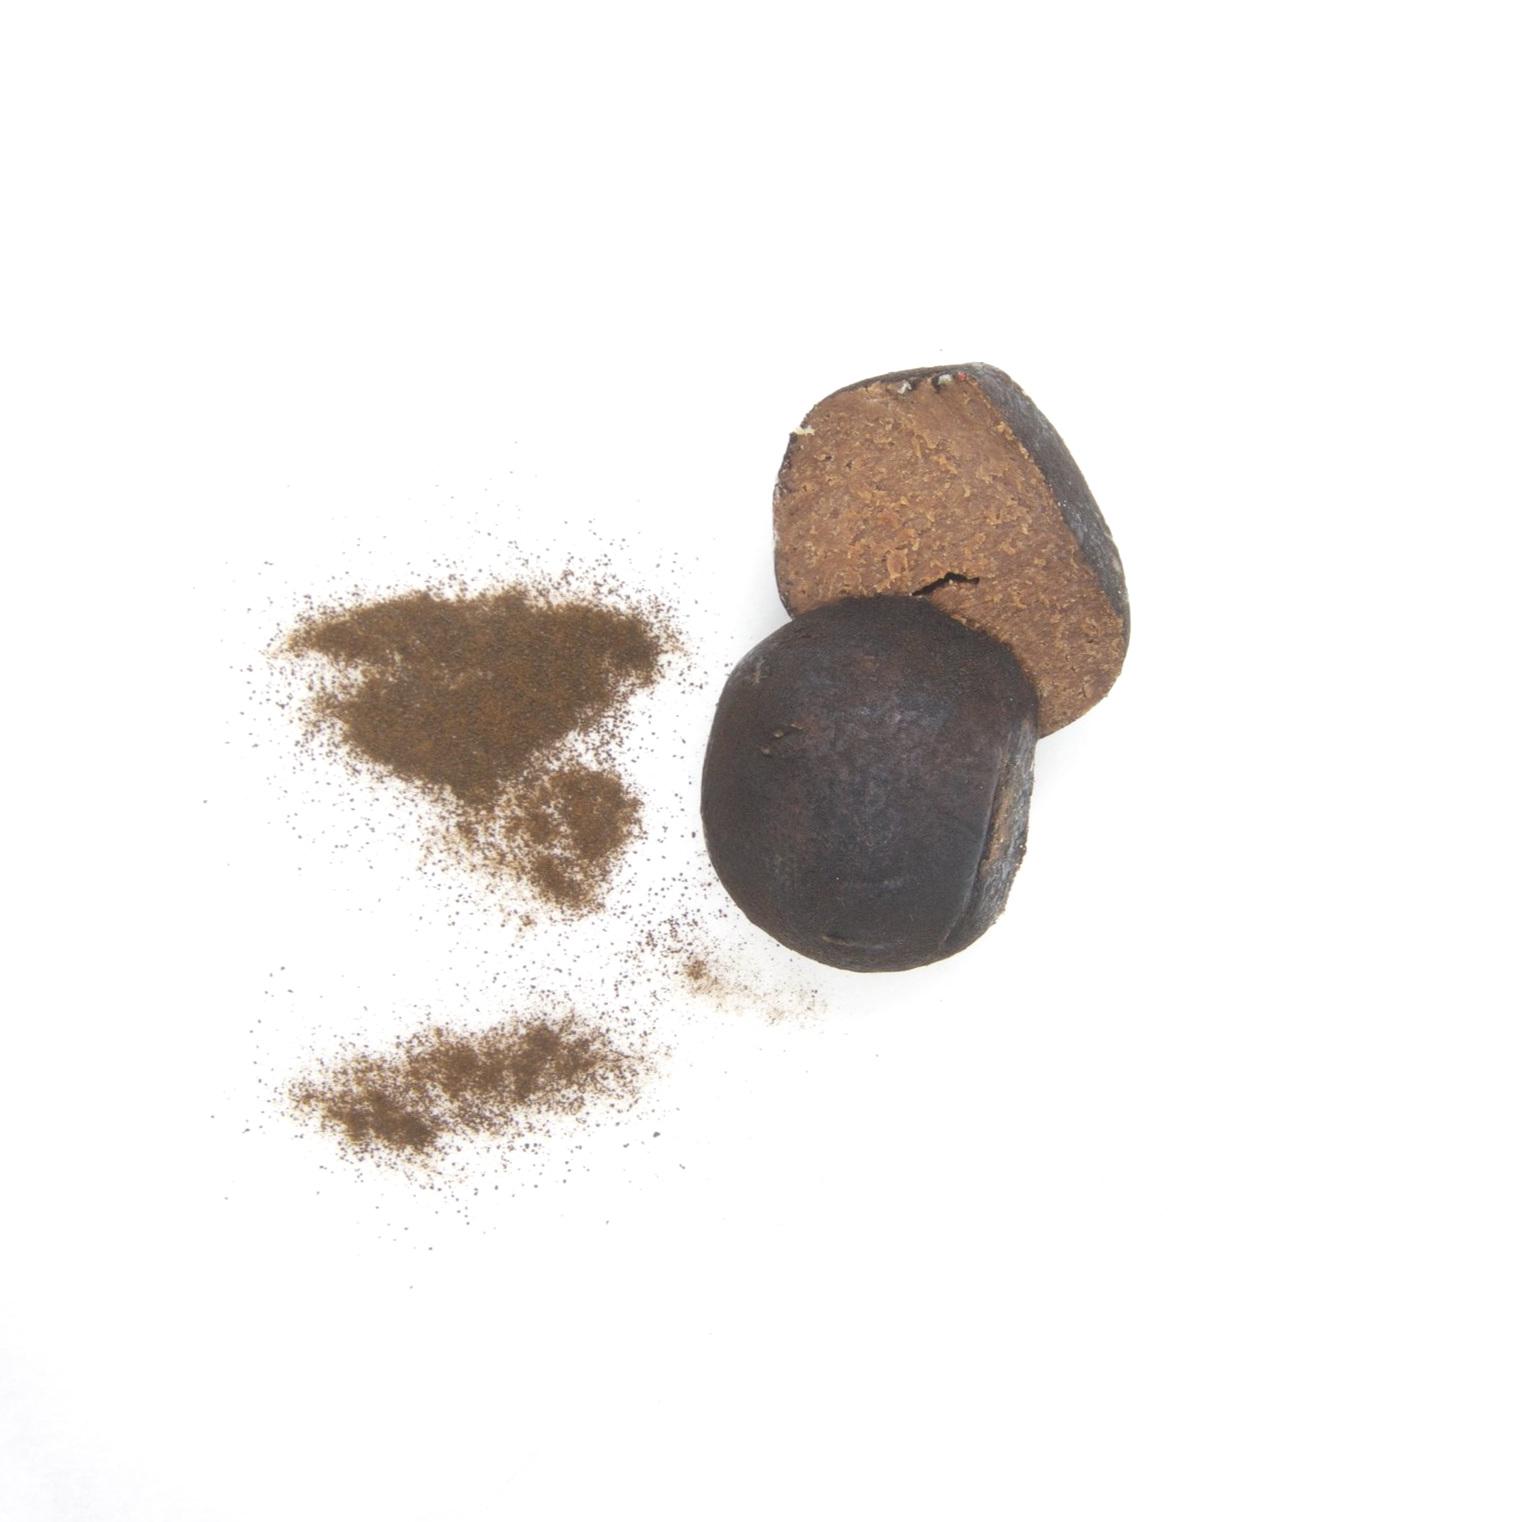 RAW VEGAN TRYFFEL - LAKRITS 40x15g   Ingredienser:   CASHEWNÖTTER*, agave sirap*, kakaosmör*, kakaopulver*, lakritspulver*, Bourbon vanilj*, pink Himalaya salt *= ekologisk produkt  (kan innehålla spår av mandel & hasselnötter)   Näringsvärde (100g):   Energi (kj/kcal) 1961/468 Fett 30,5g varav mättad 10,17g Kolhydrater 48,8g varav sockerarter 32,5g Fibrer 4,49g Protein 7g Salt 0,14g